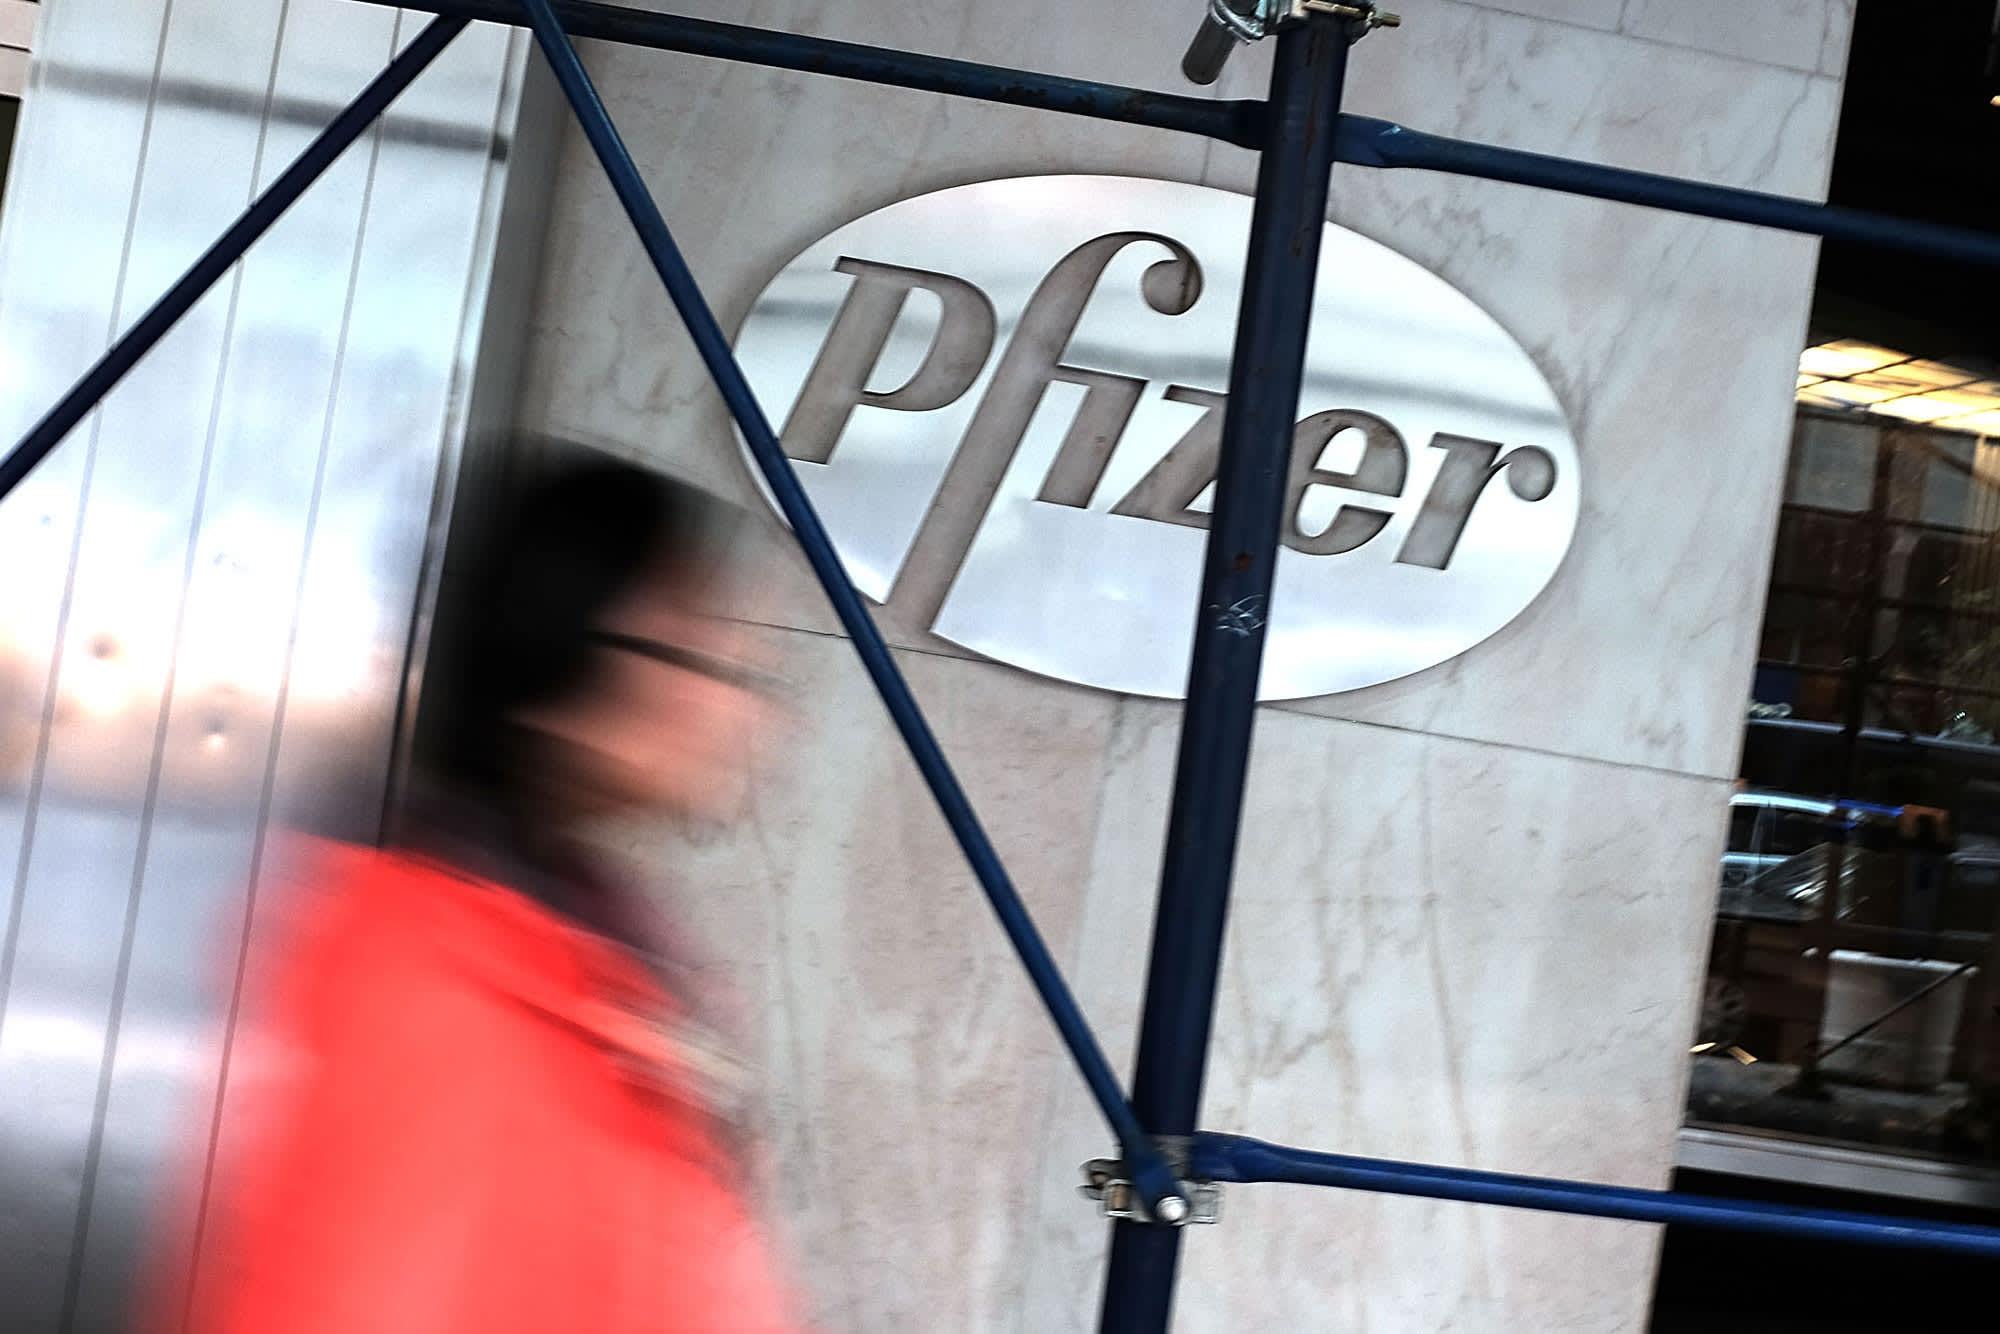 Pfizer to buy cancer drug developer Array Biopharma for $10.64 billion